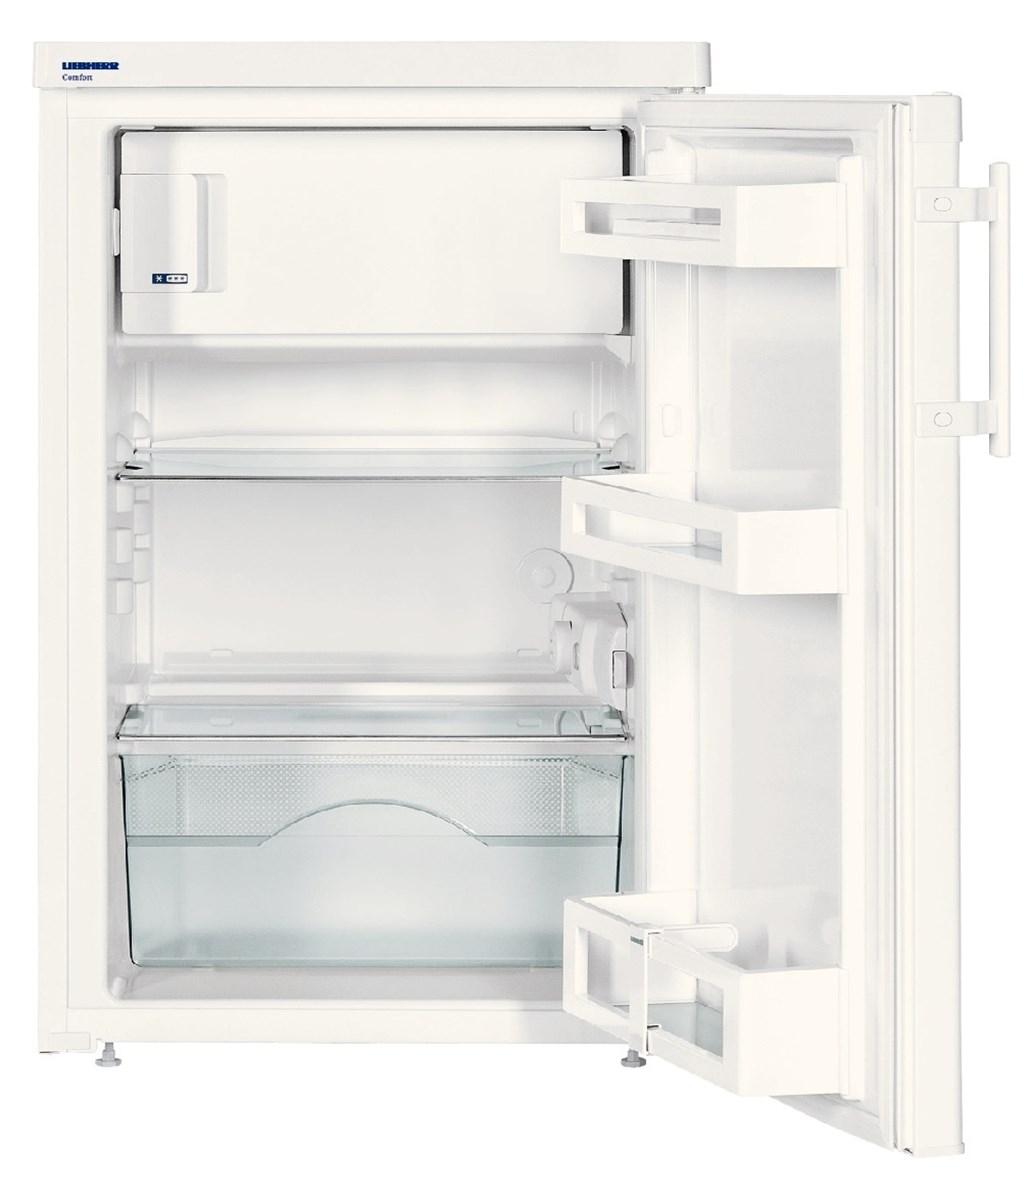 купить Малогабаритный холодильник Liebherr TP 1424 Украина фото 2